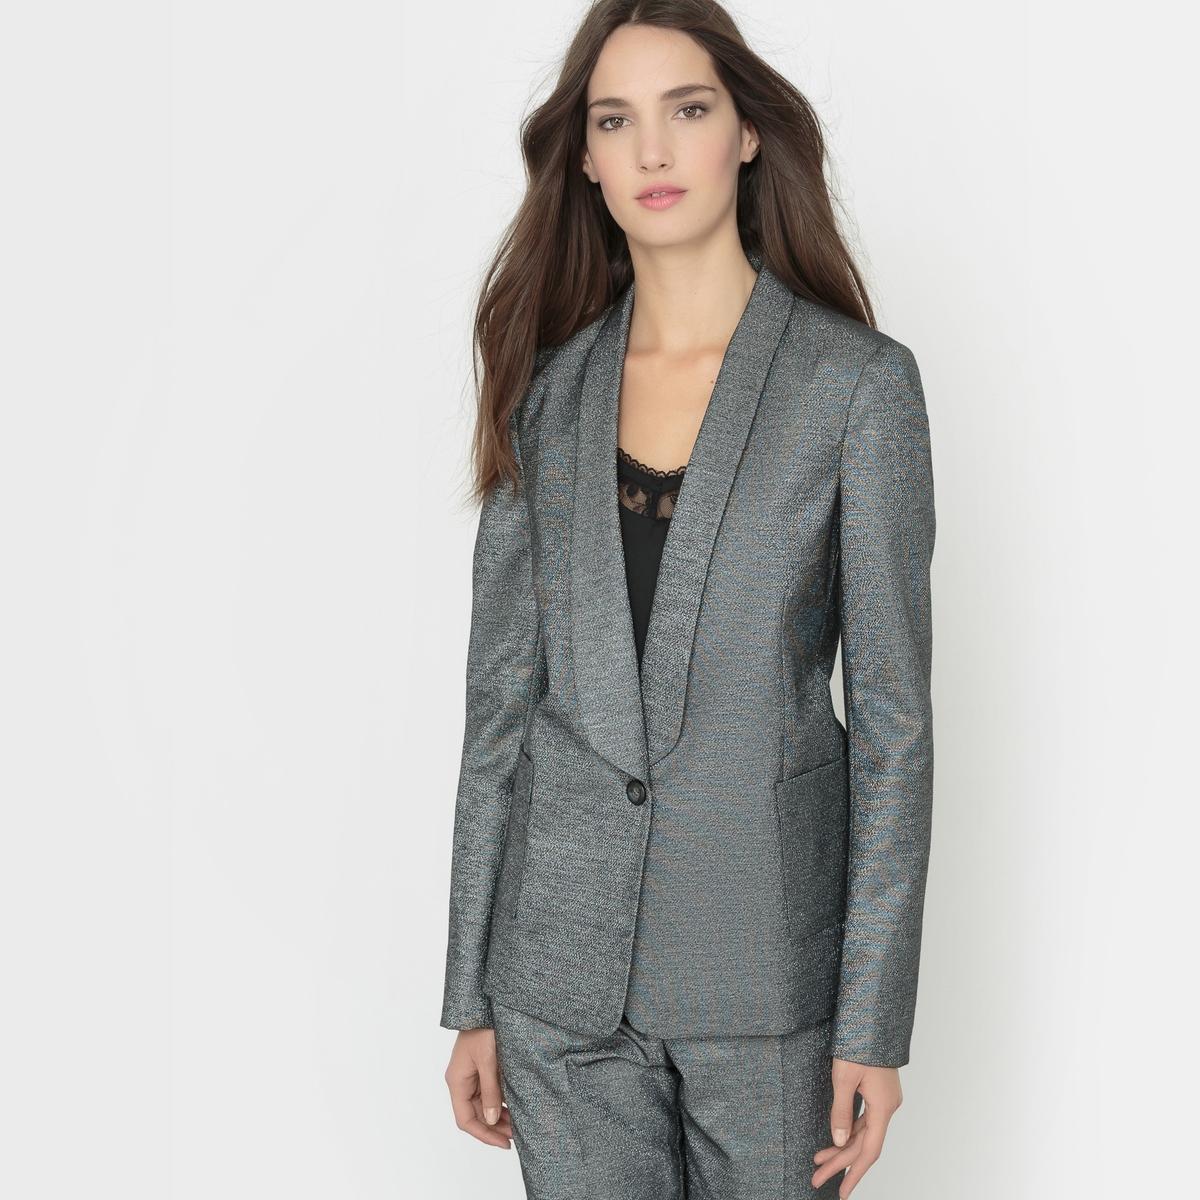 Пиджак костюмный с жаккардовым рисункомПиджак костюмный. Жаккардовый рисунок с волокнами с металлическим блеском. Длинные рукава. Пиджачный воротник. Застежка на 1 пуговицу. 2 кармана. Шлицы на рукавах с застежкой на пуговицы. Состав и описаниеМатериал : Пиджак 42% полиэстера, 42% хлопка, 13% волокон с металлическим блеском, 3% эластана - Подкладка 100% полиэстерДлина : 66 смМарка : atelier RУходСухая чистка<br><br>Цвет: черный<br>Размер: 38 (FR) - 44 (RUS).48 (FR) - 54 (RUS)